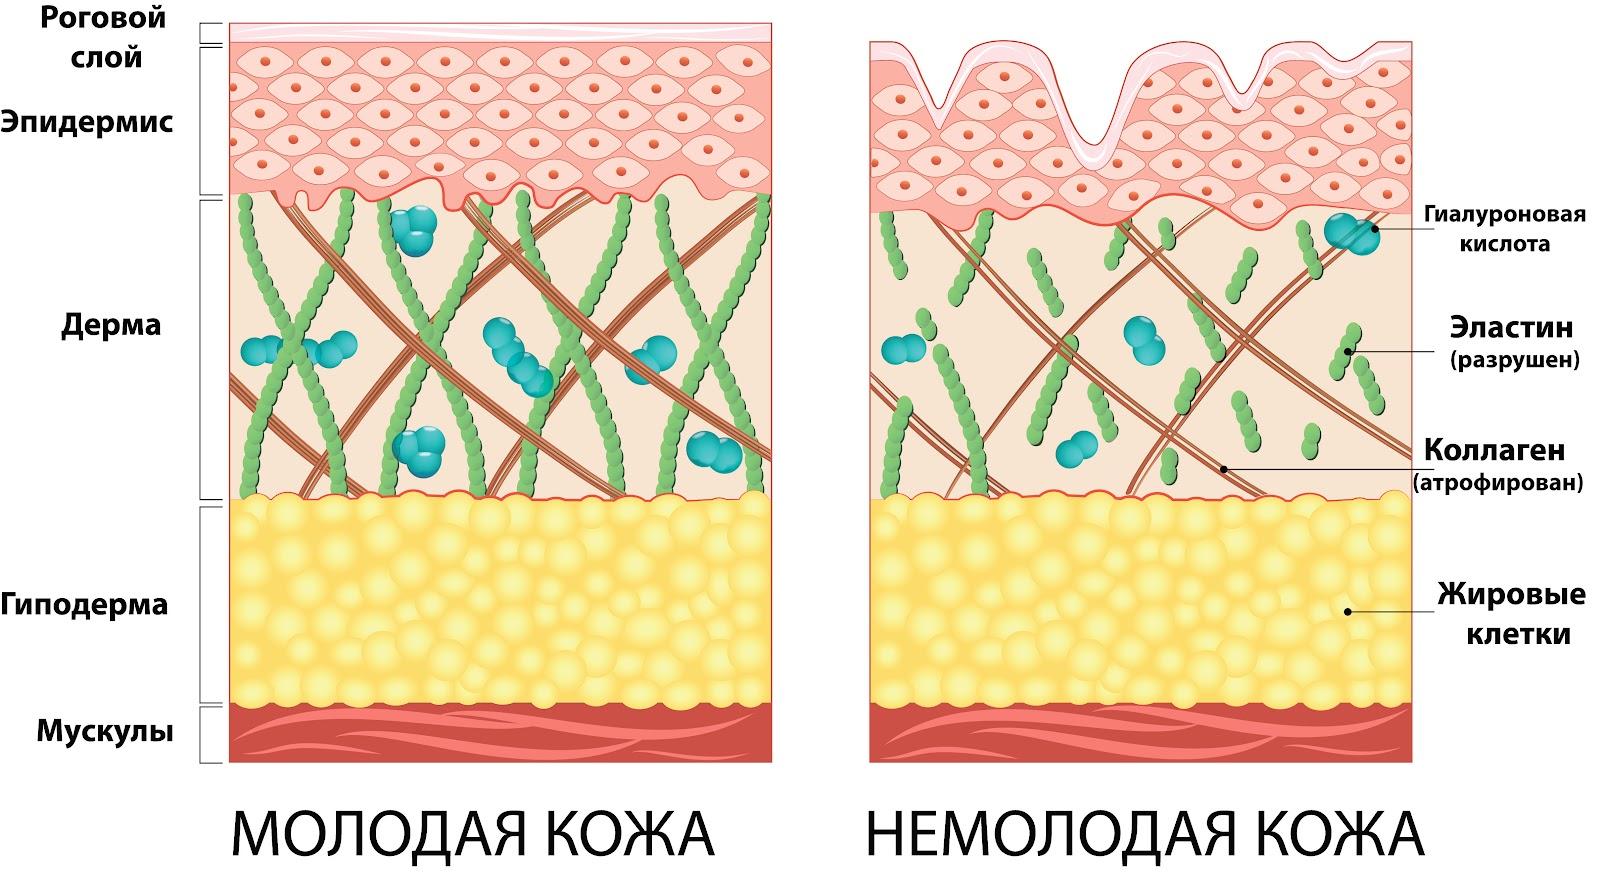 Строение кожи.jpg